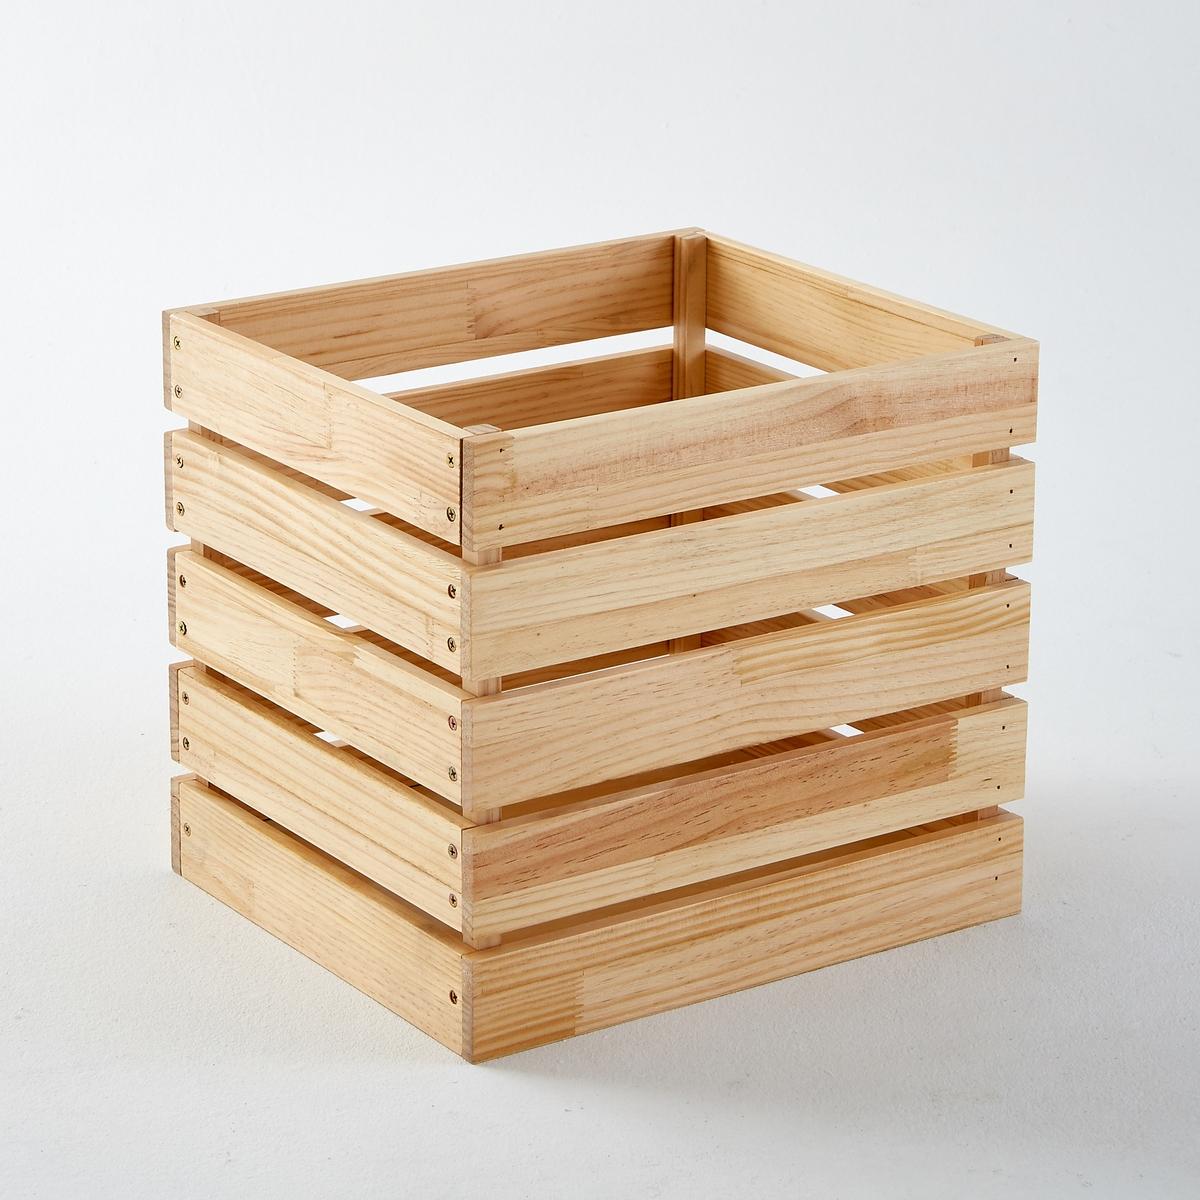 Ящик для вещей из массива сосны, HibaХарактеристики ящика для вещей из сосны, Hiba :Сосновые дощечки с масляным покрытием, толщ. 15 мм.Дно из МДФ, толщ. 9 мм .Найдите все ящики для хранения вещей и всю коллекцию Hiba на сайте laredoute.ruРазмеры ящика для вещей из сосны, Hiba  :Общие: Ширина 33,6 см Глубина 38,6 см Высота 35 смВес 3,2 кг Размеры и вес в упаковке :1 упаковка. Длина 41 x Ширина 38,5 x Высота 10,5 cм. 3,9 кг.<br><br>Цвет: серо-бежевый